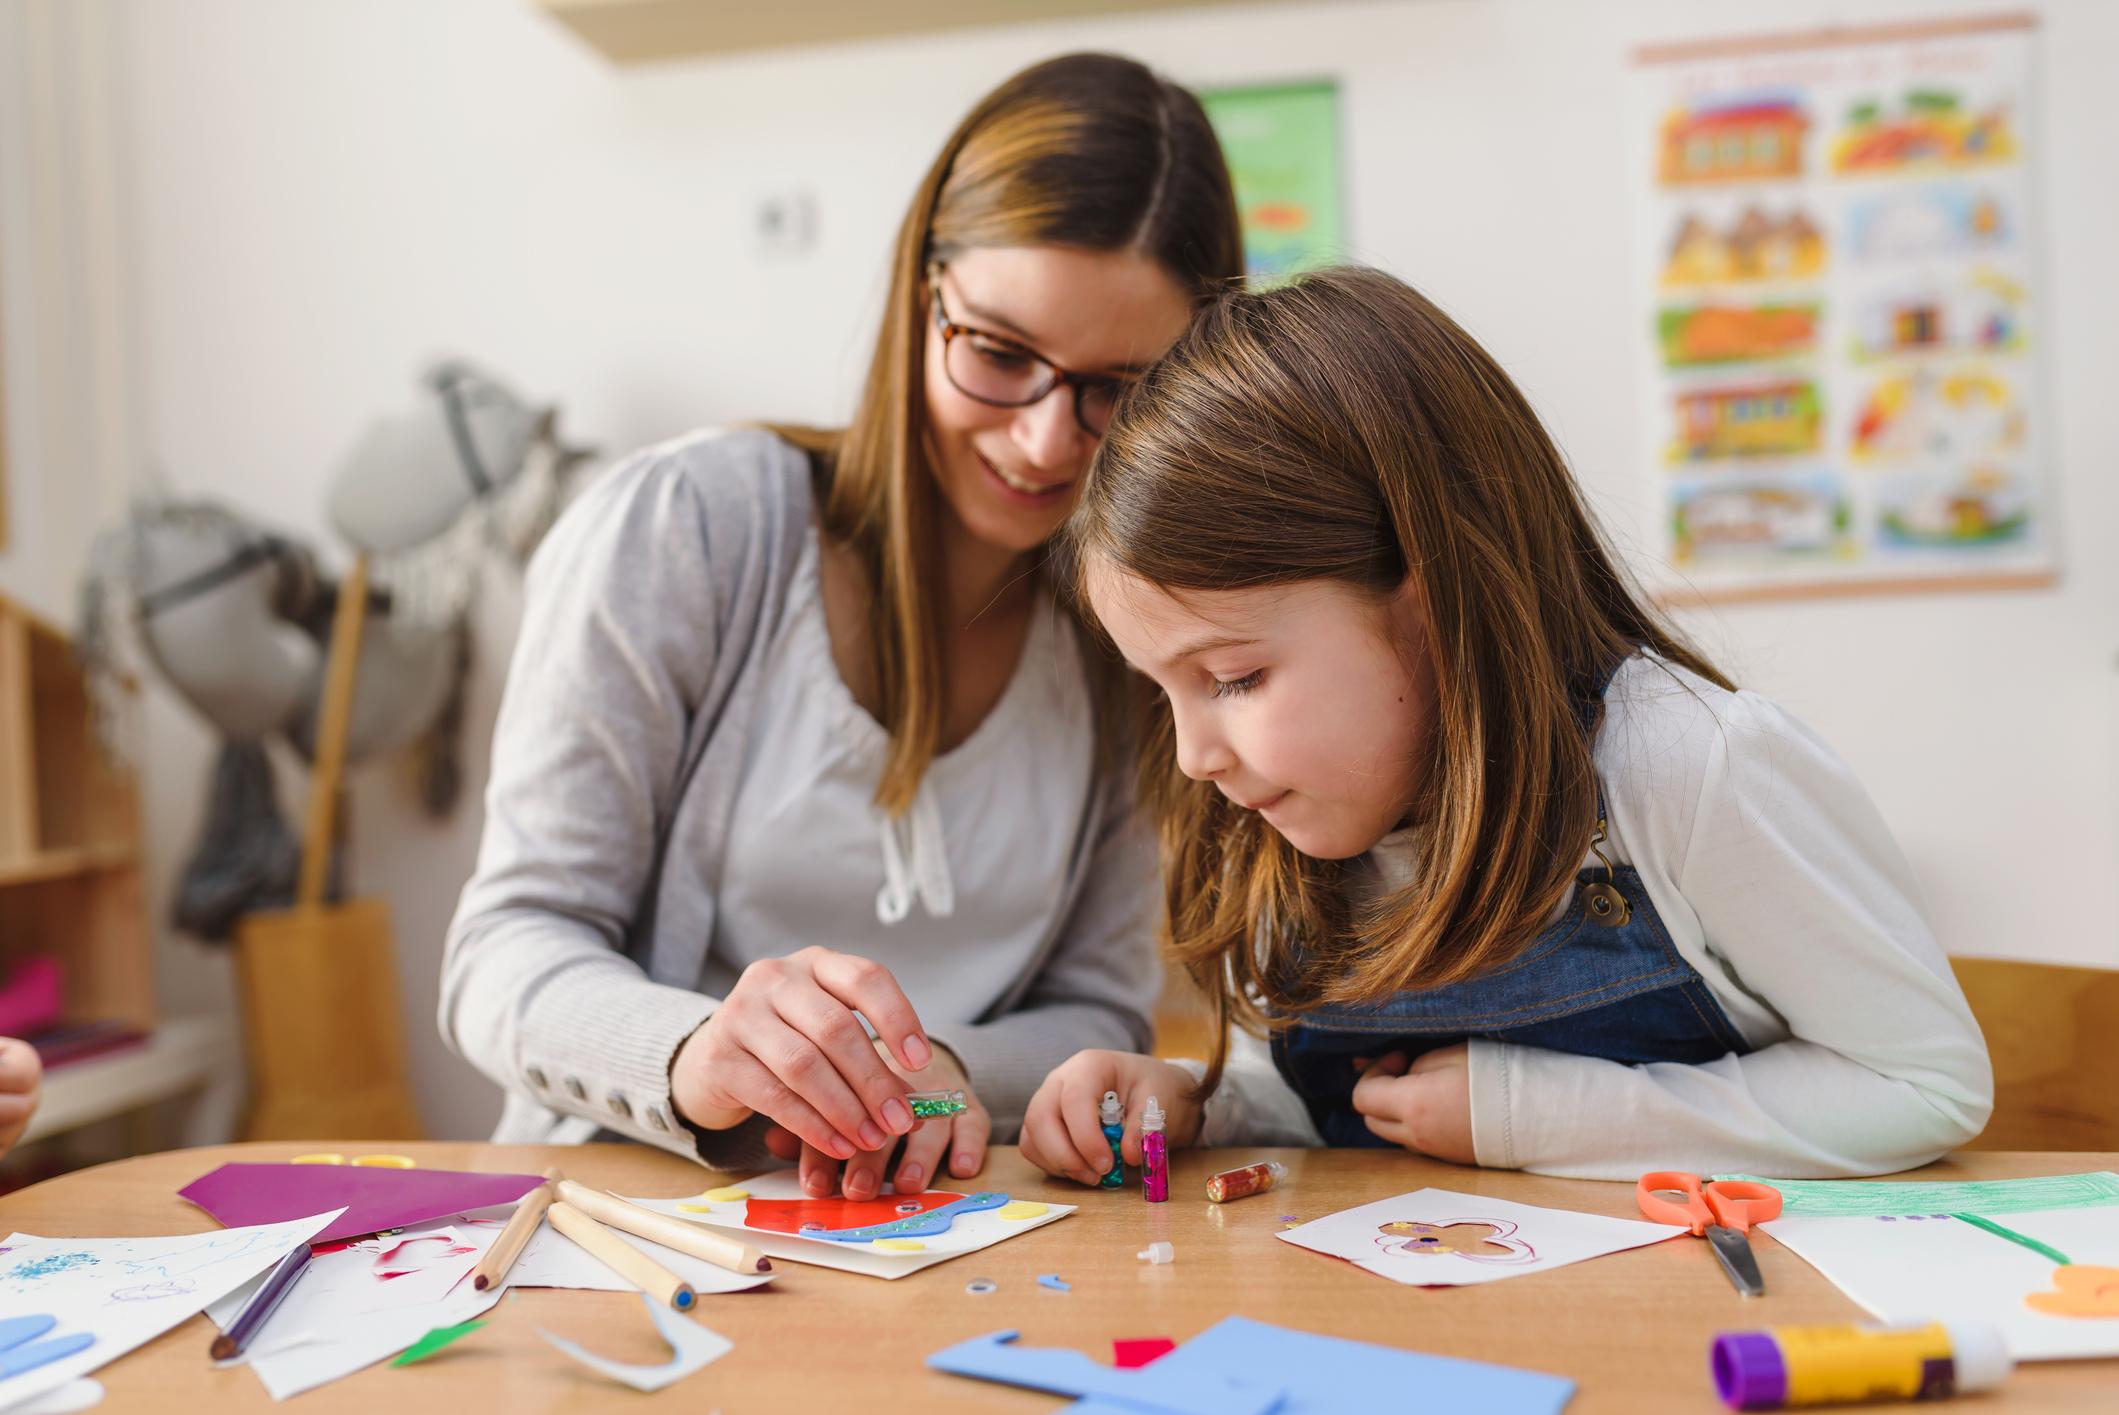 Preschool Teacher With Cute Girl – Creative Art Class